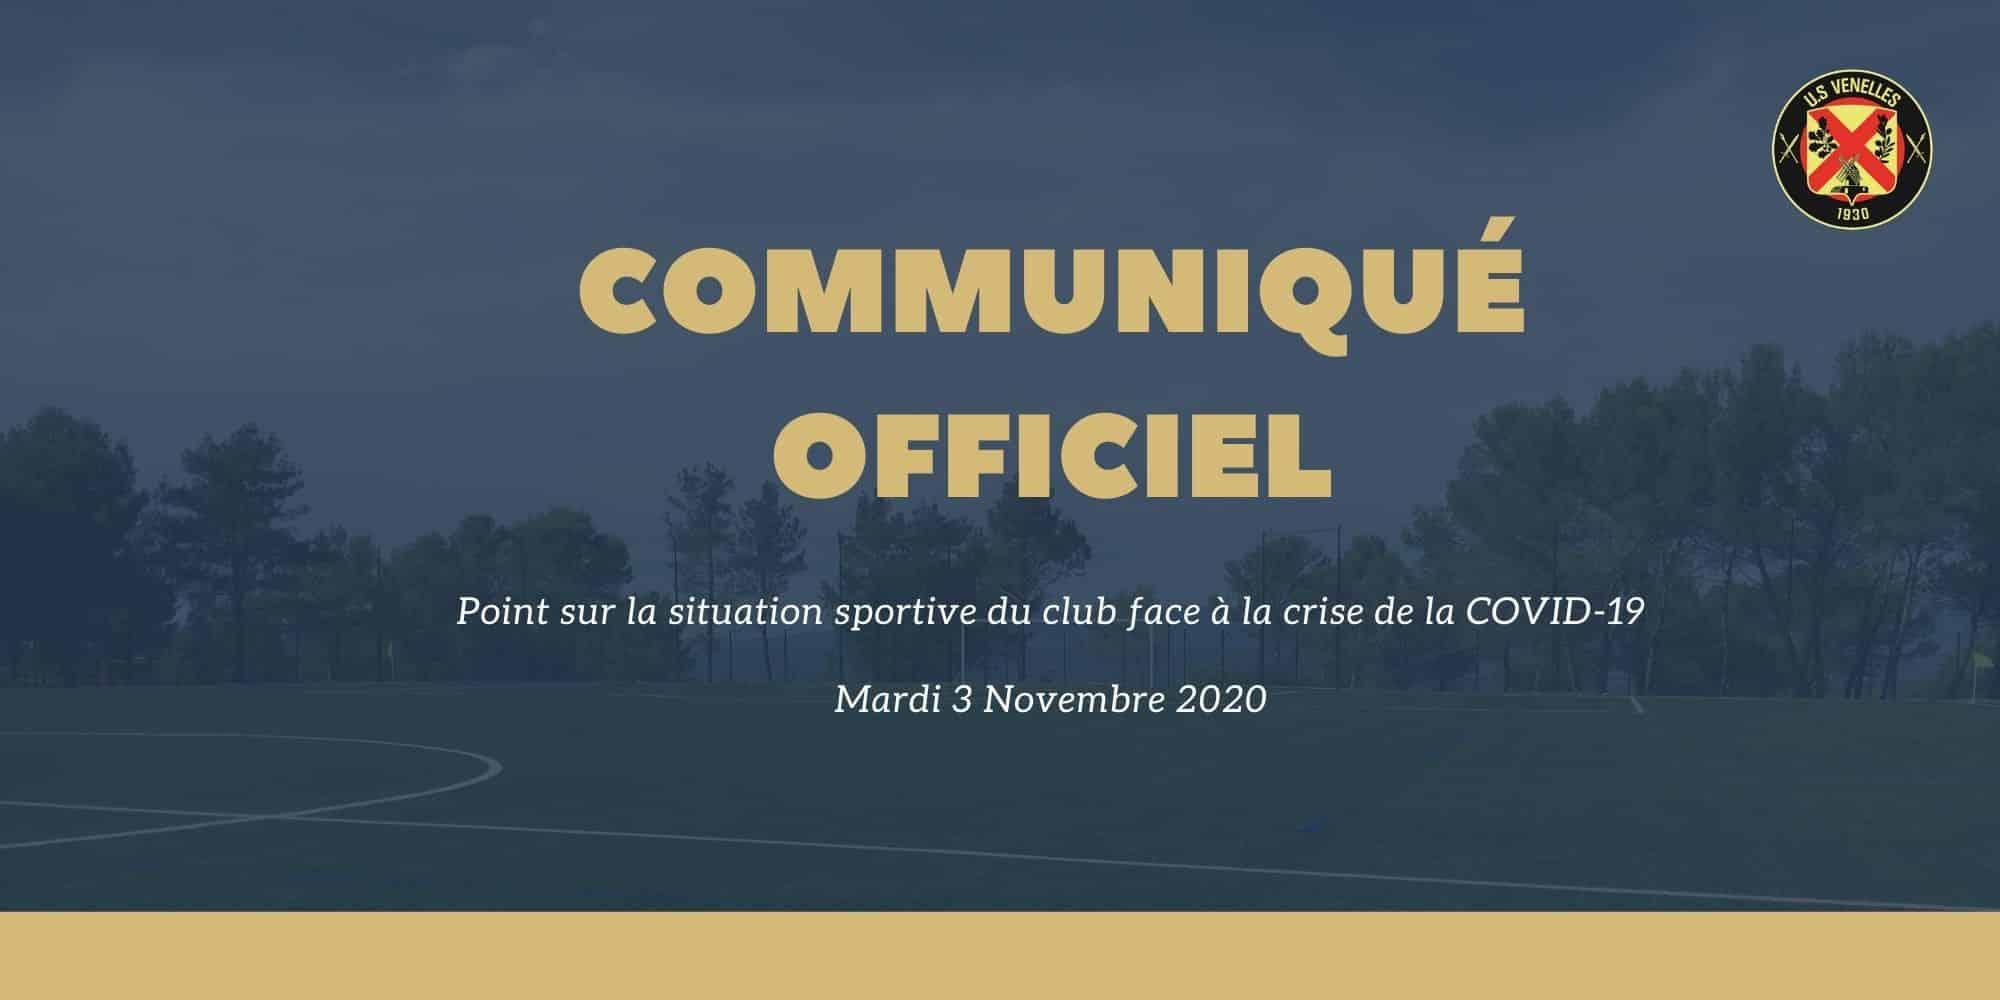 Communiqué officiel – Point sur la situation sportive du club face à la crise du COVID -19 (27 Mai 2020) - US Venelles